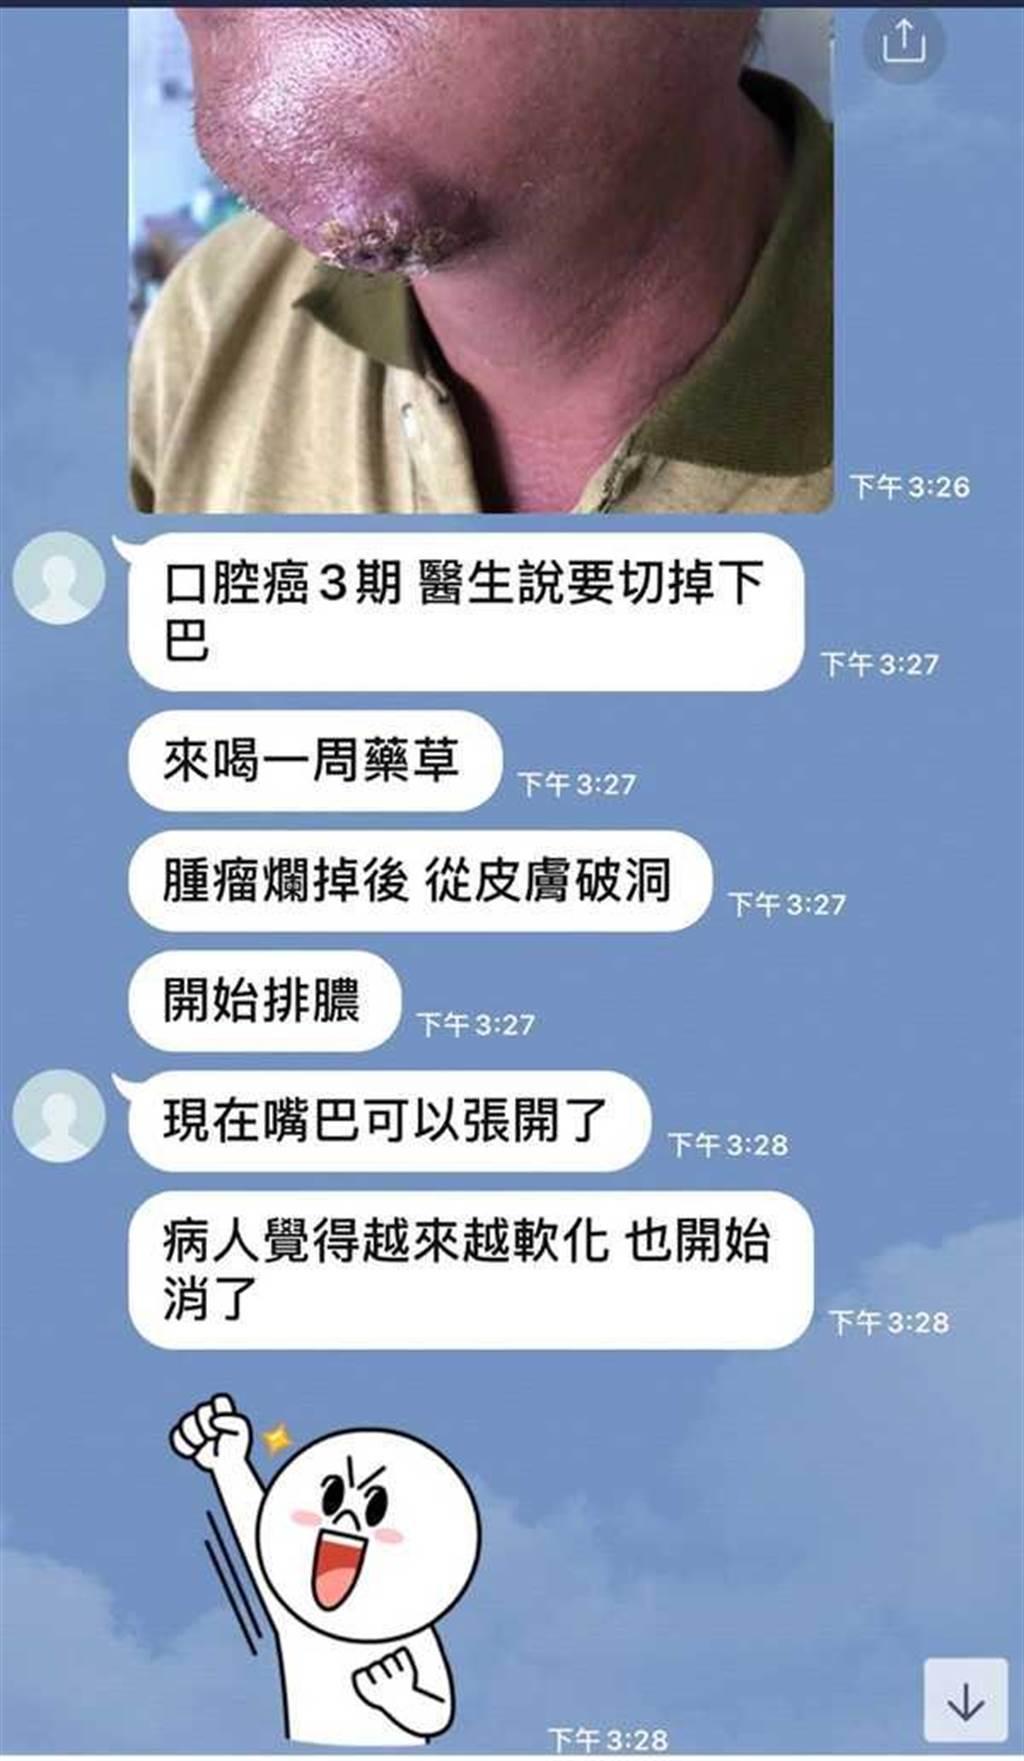 根據鄭勝哲與友人的對話紀錄,他洋洋得意宣稱,有口腔癌三期患者喝他的草藥而開始排膿,庸醫行徑讓人髮指。(圖/讀者提供)